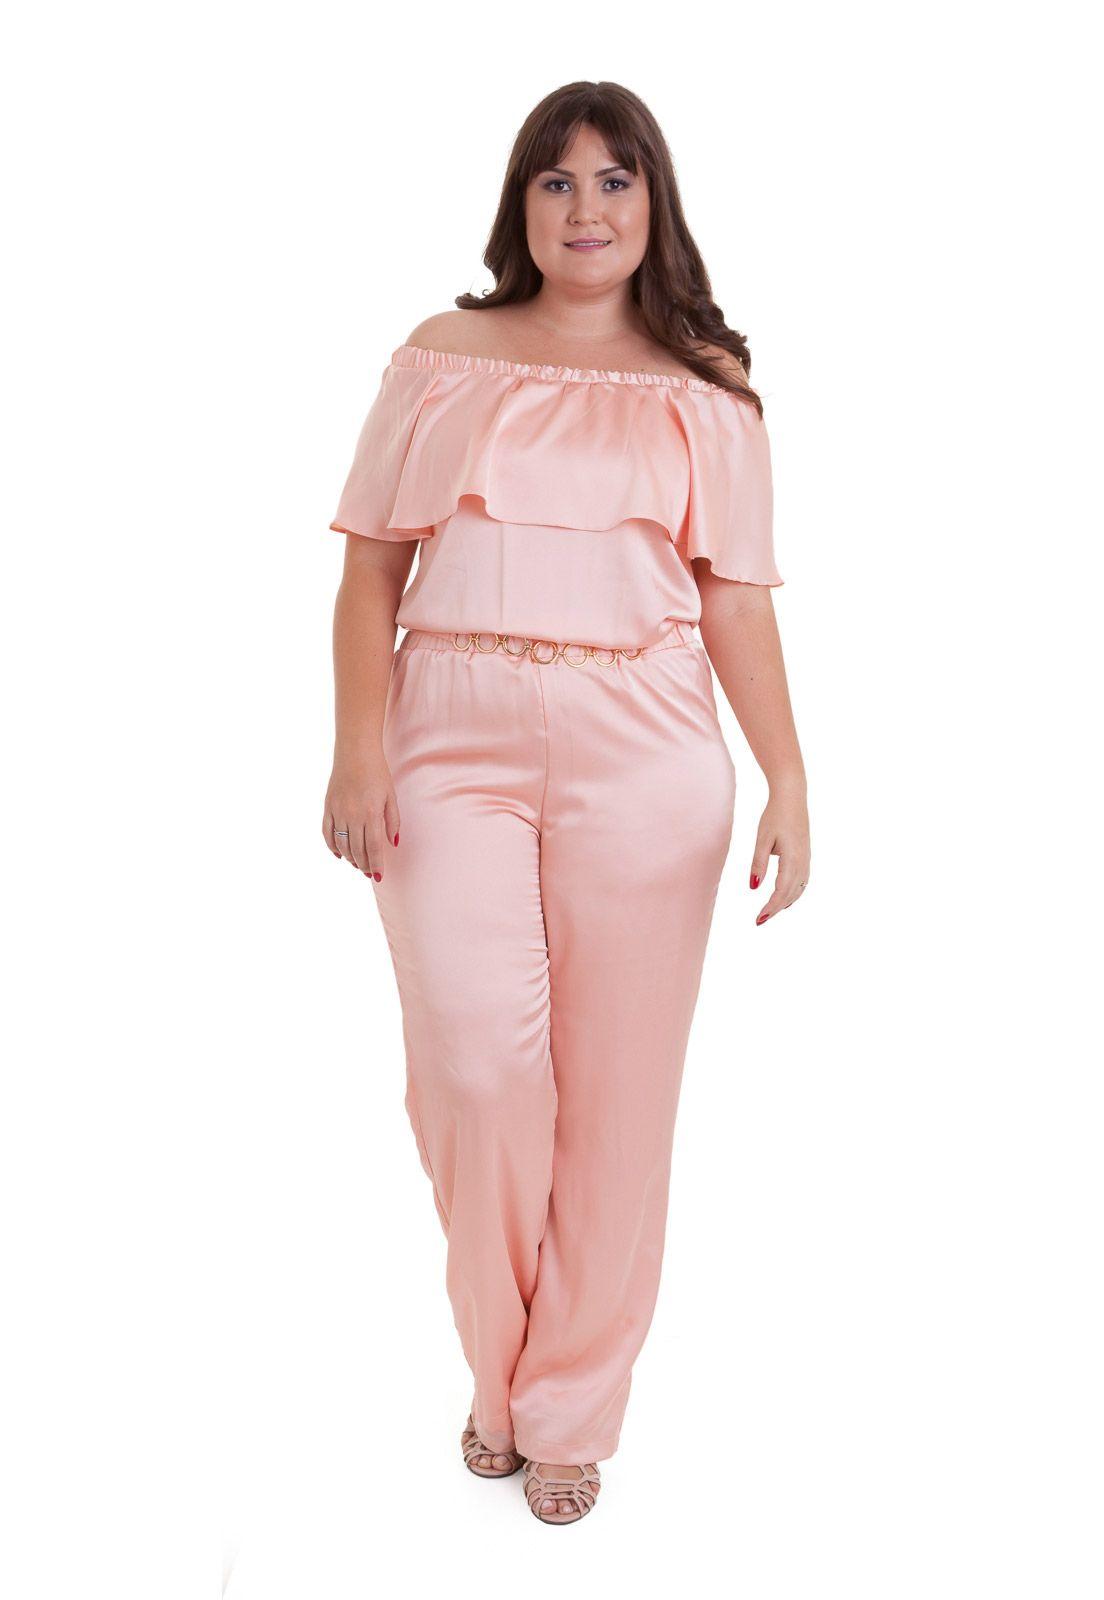 Macacão rosa cotton colors de cetim plus size